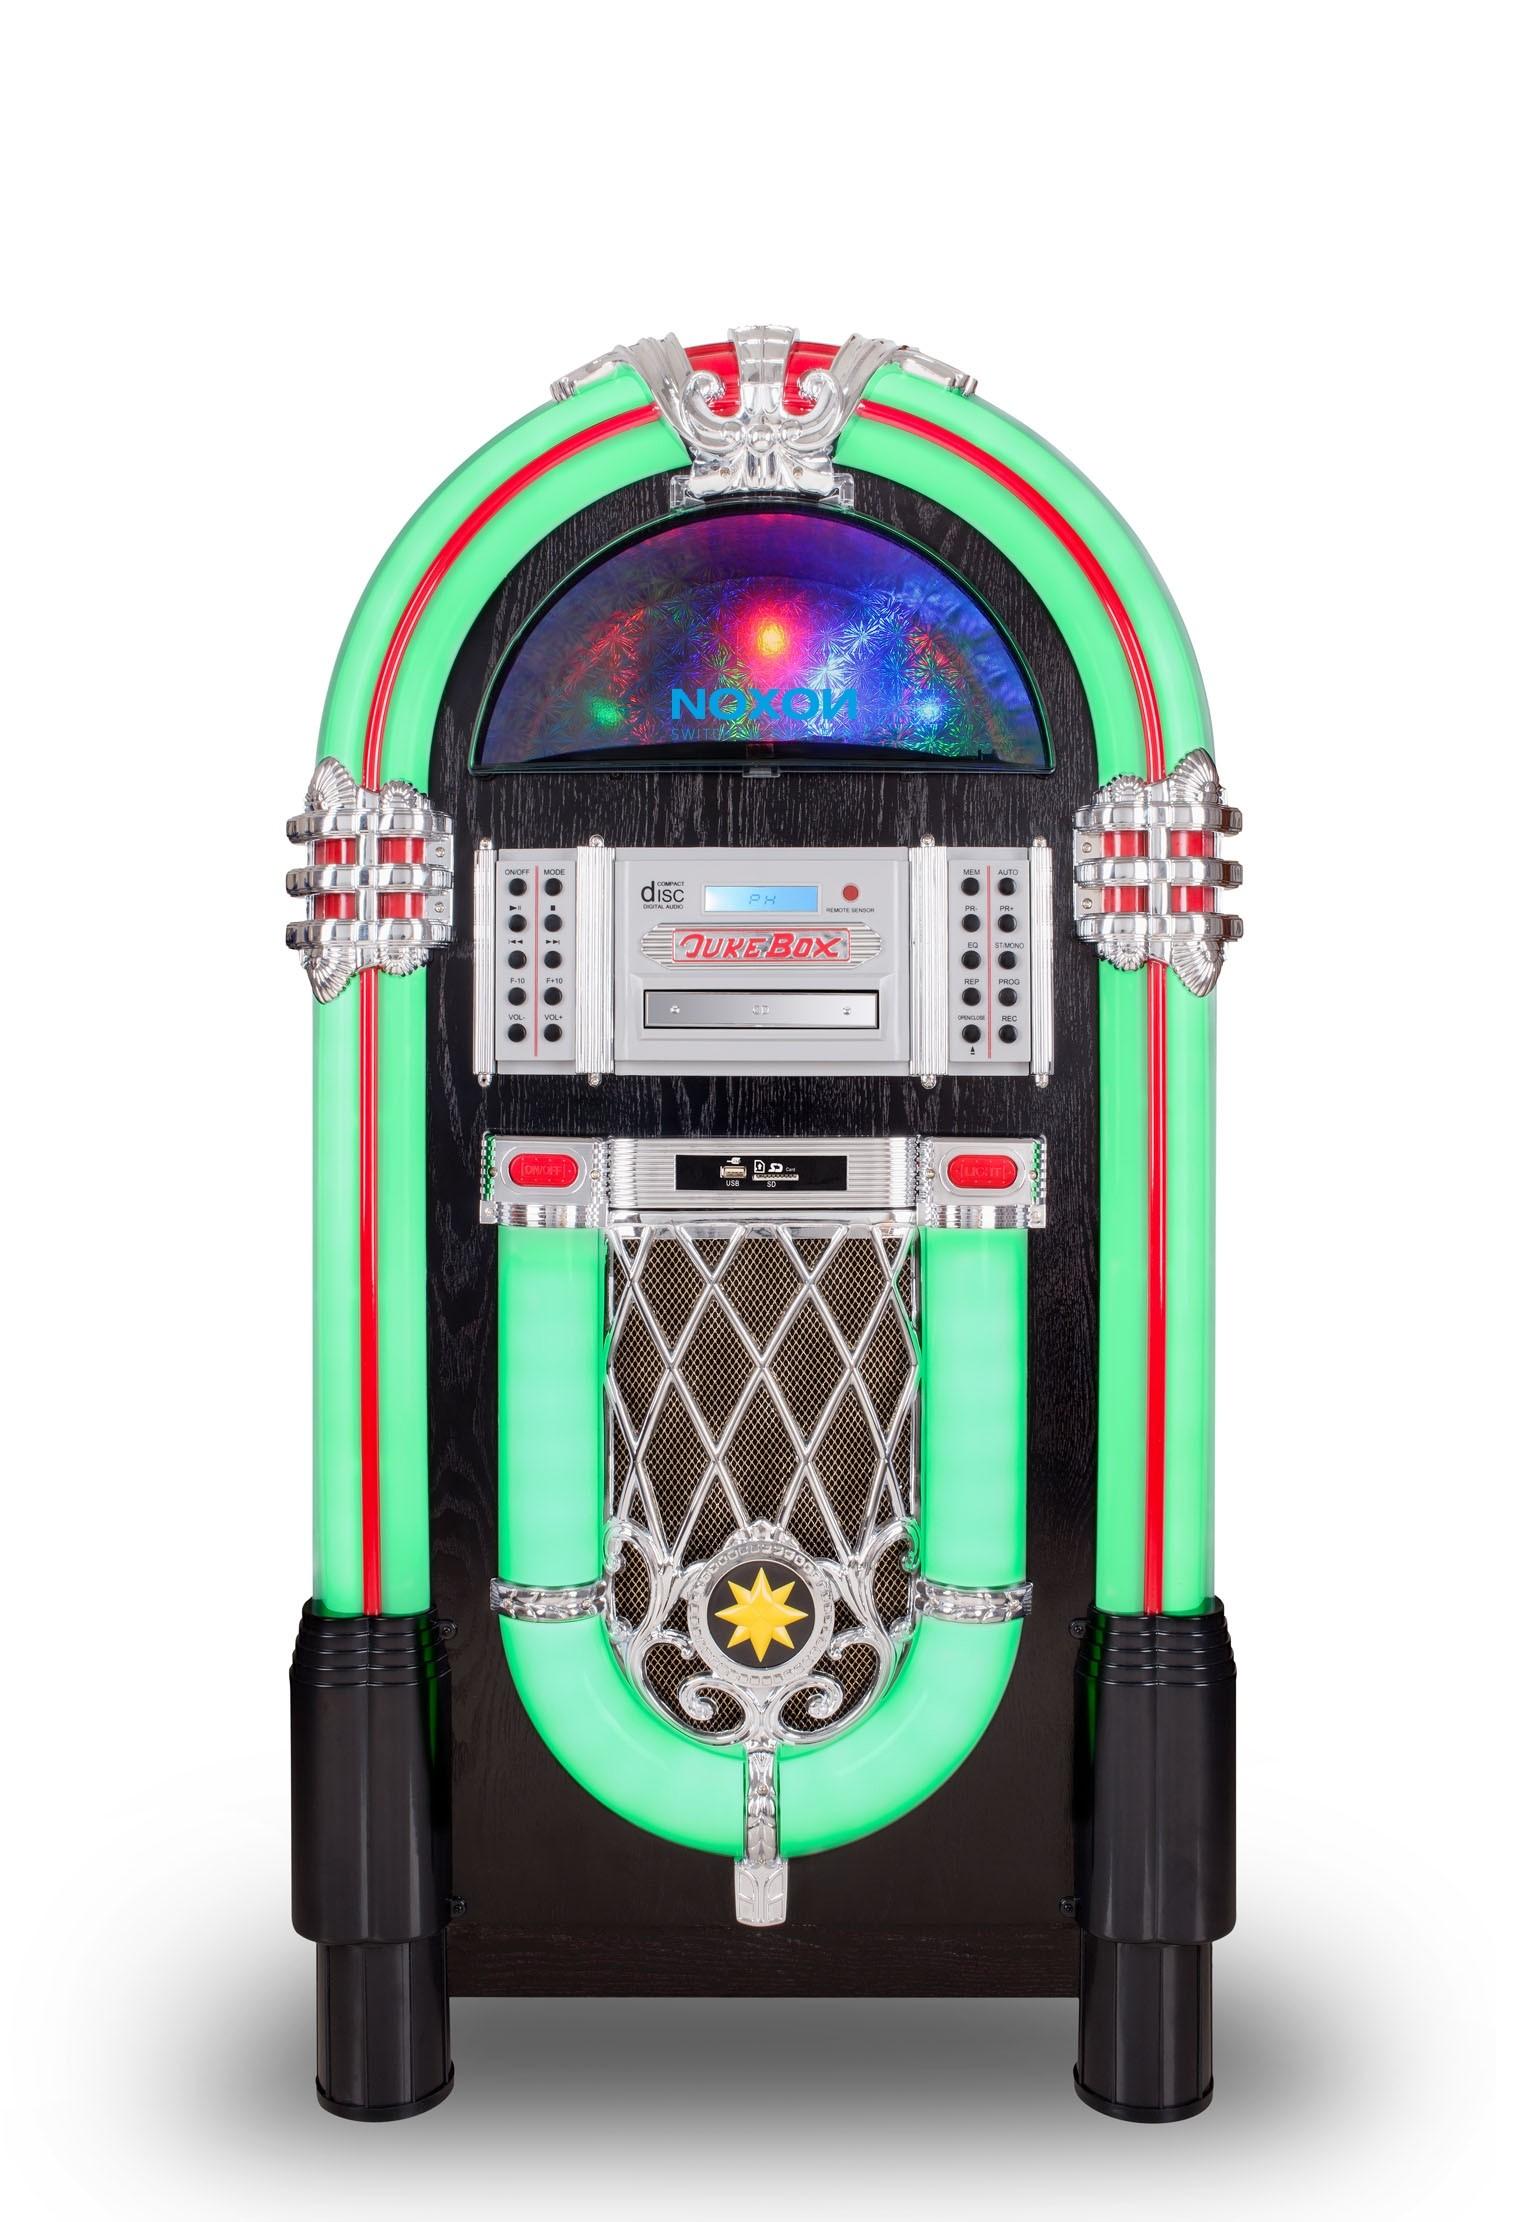 Noxon Jukebox 1